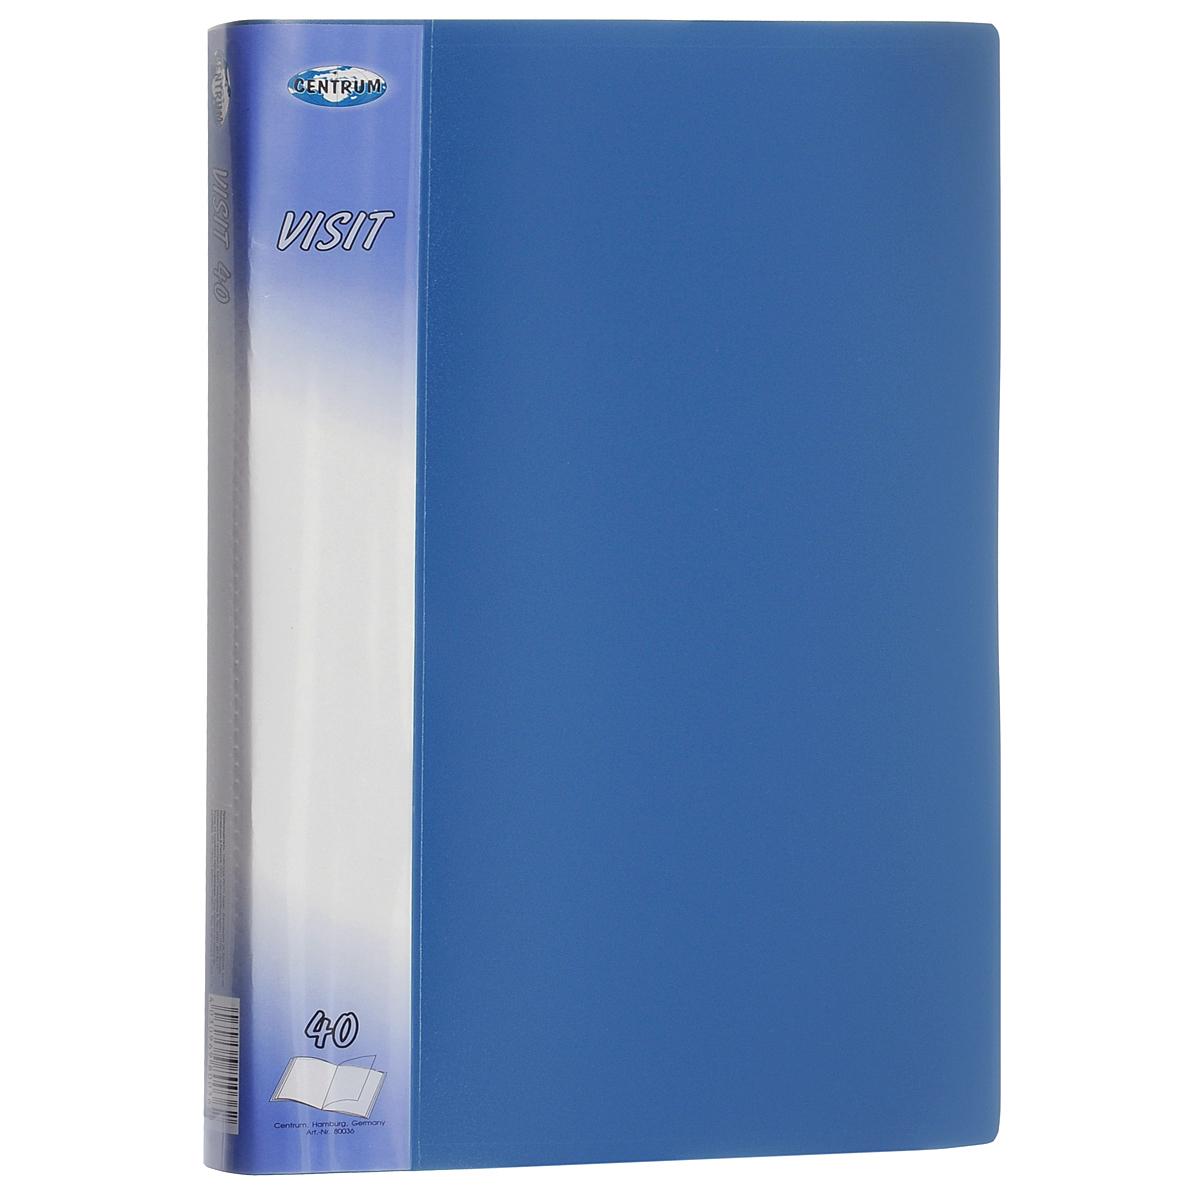 Папка Centrum Visit, 40 файлов, цвет: голубой. Формат А480036СПапка Centrum Visit - это удобный и функциональный офисный инструмент, предназначенный для хранения и транспортировки бумаг и документов формата А4. Обложка папки изготовлена из износостойкого непрозрачного пластика повышенной плотности и включает в себя 40 вкладышей-файлов формата А4. Папка имеет опрятный и неброский вид. Уголки папки закруглены, что предотвращает их загибание и надолго обеспечивает опрятный вид папки.Папка - это незаменимый атрибут для студента, школьника, офисного работника. Такая папка надежно сохранит ваши документы и сбережет их от повреждений, пыли и влаги.